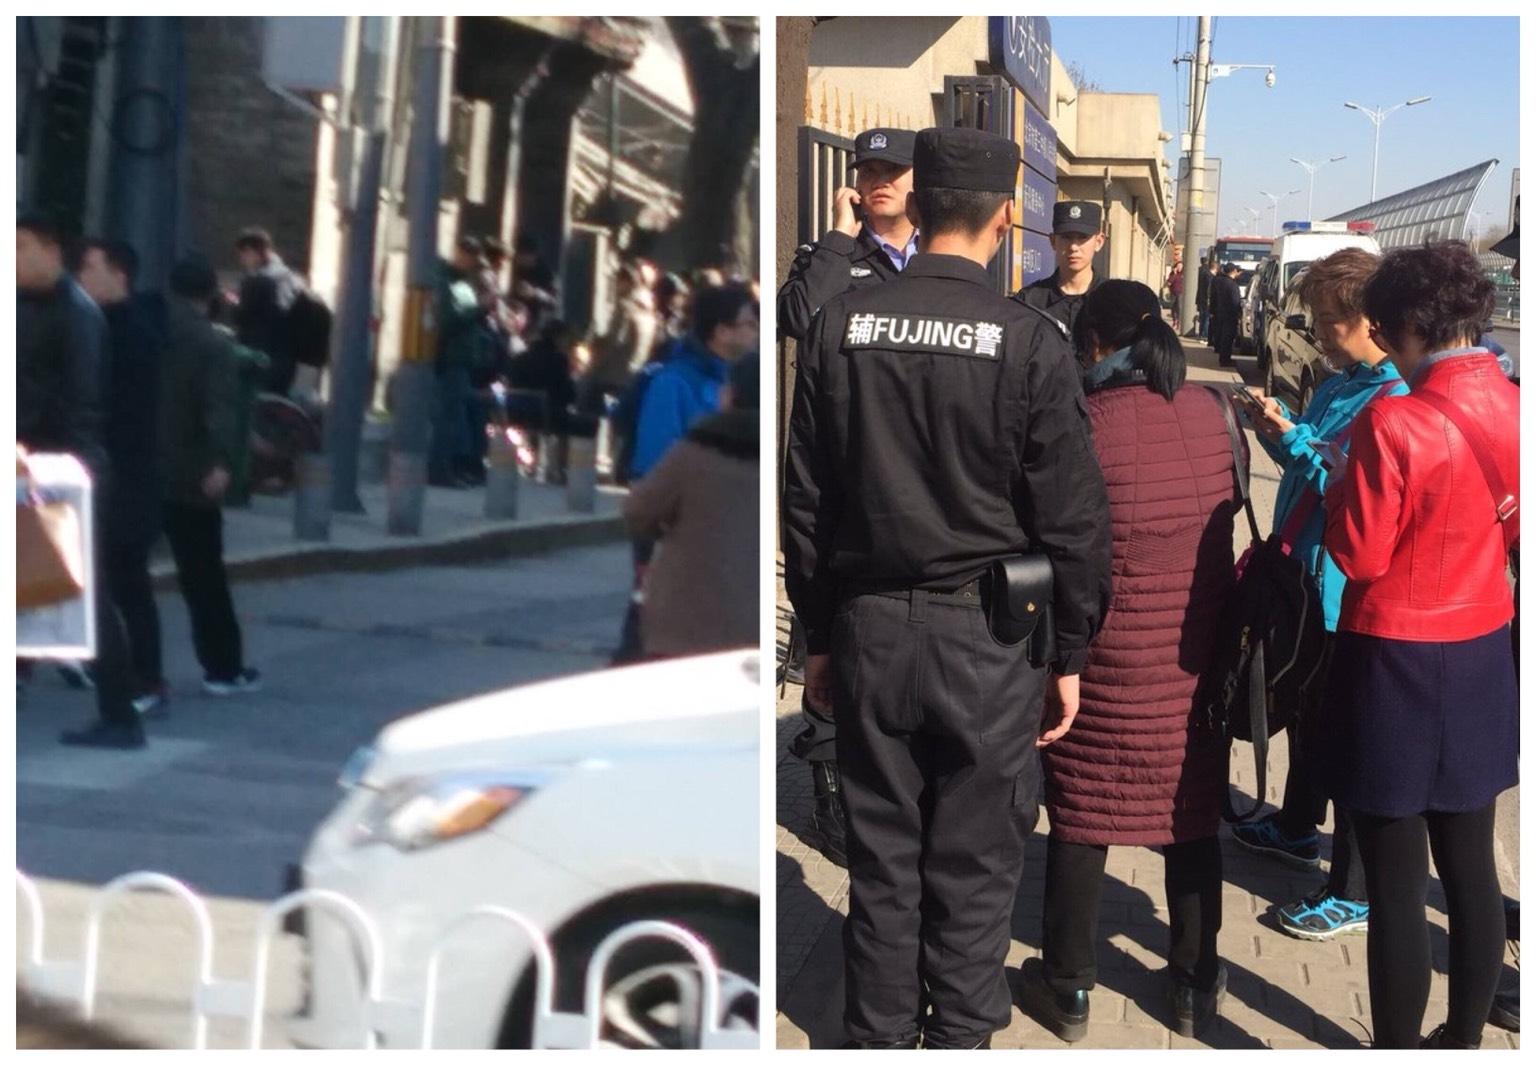 國家信訪局公安部警察疑出賣訪民 訪民惱火